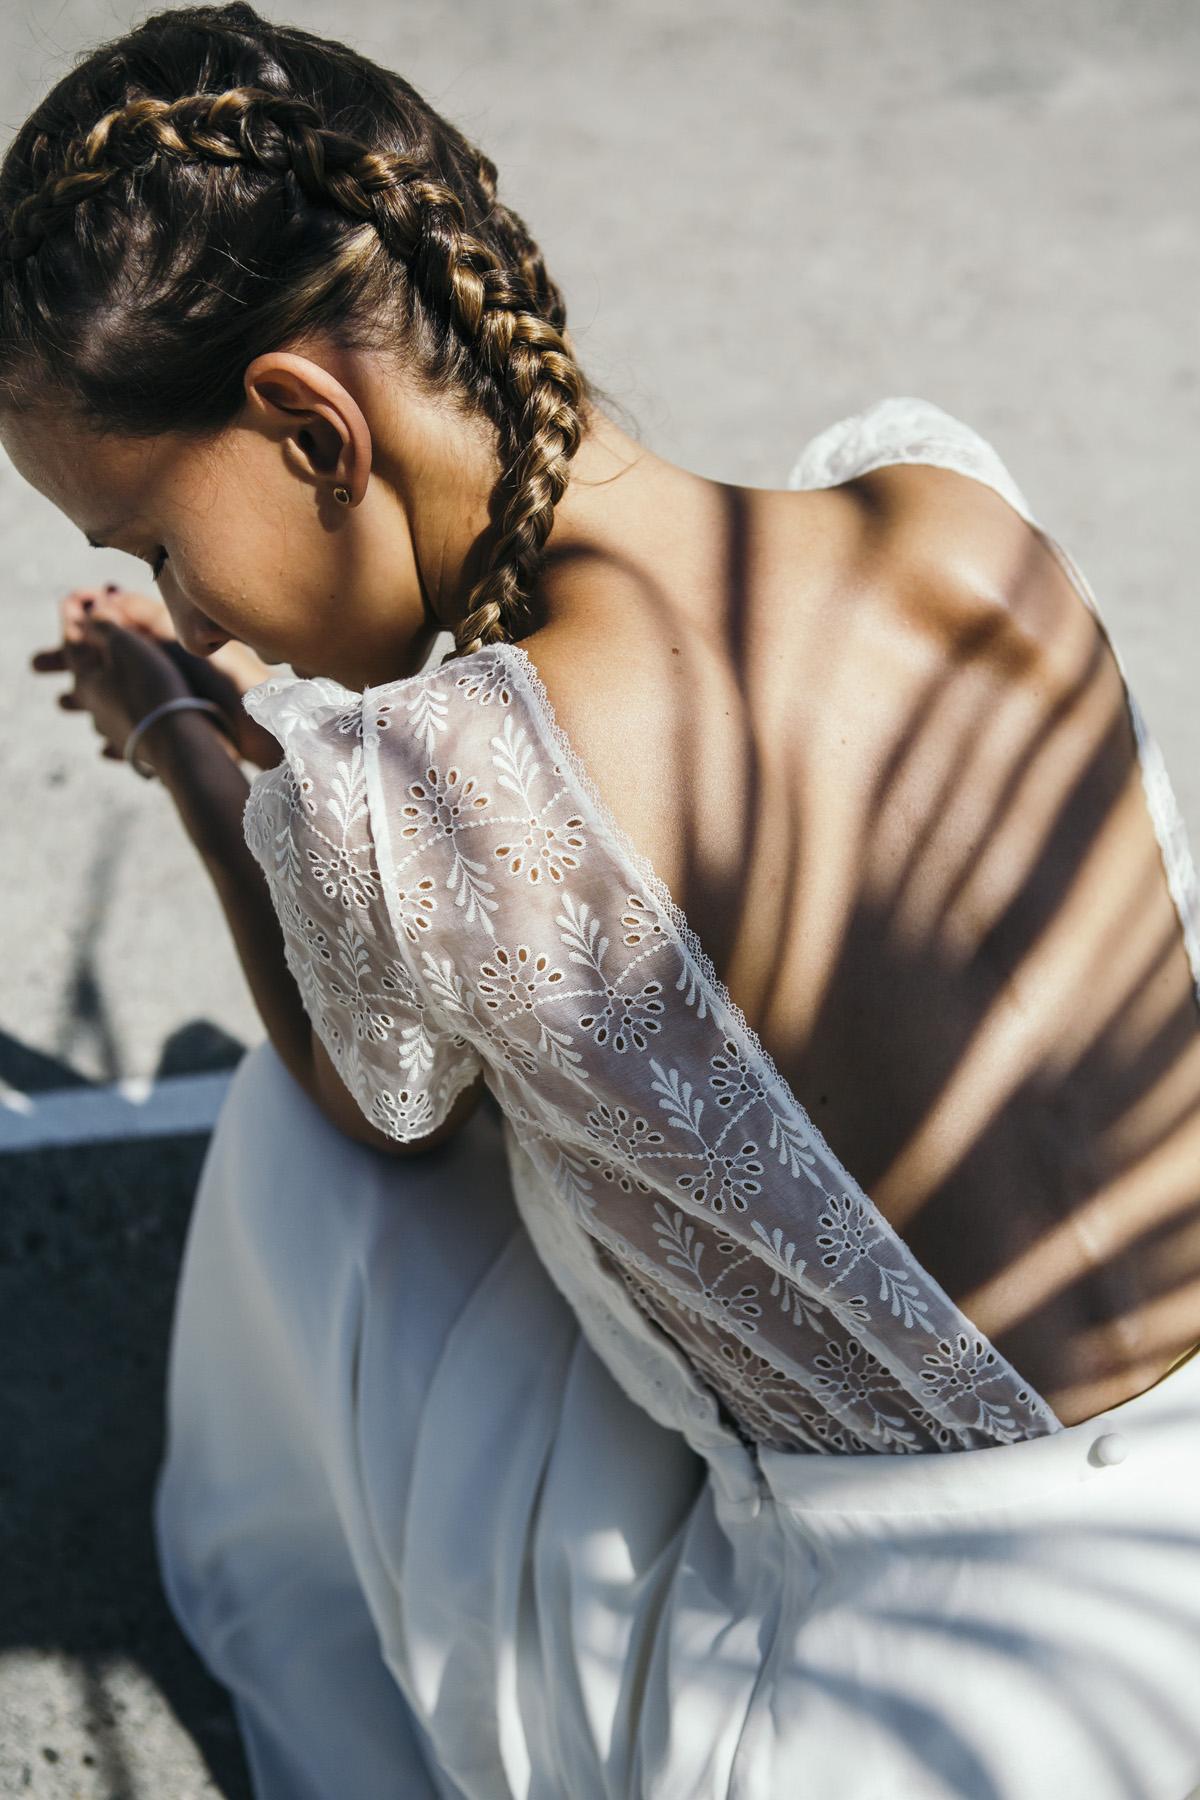 mariage d'une mariée qui a du style avec ses tresses africaines très tendances